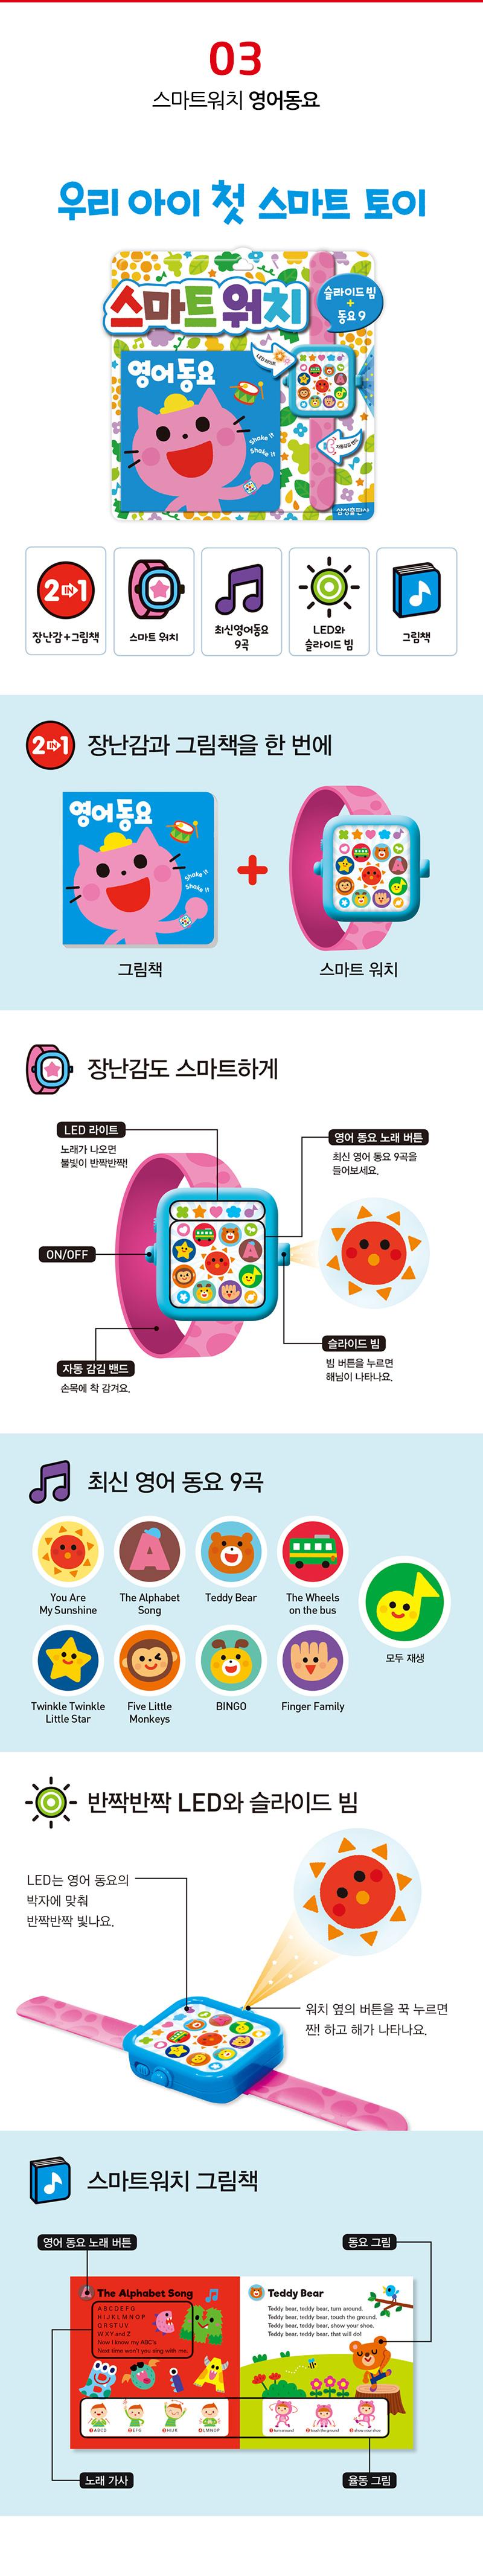 삼성출판사 스마트패드/워치/폰 시리즈